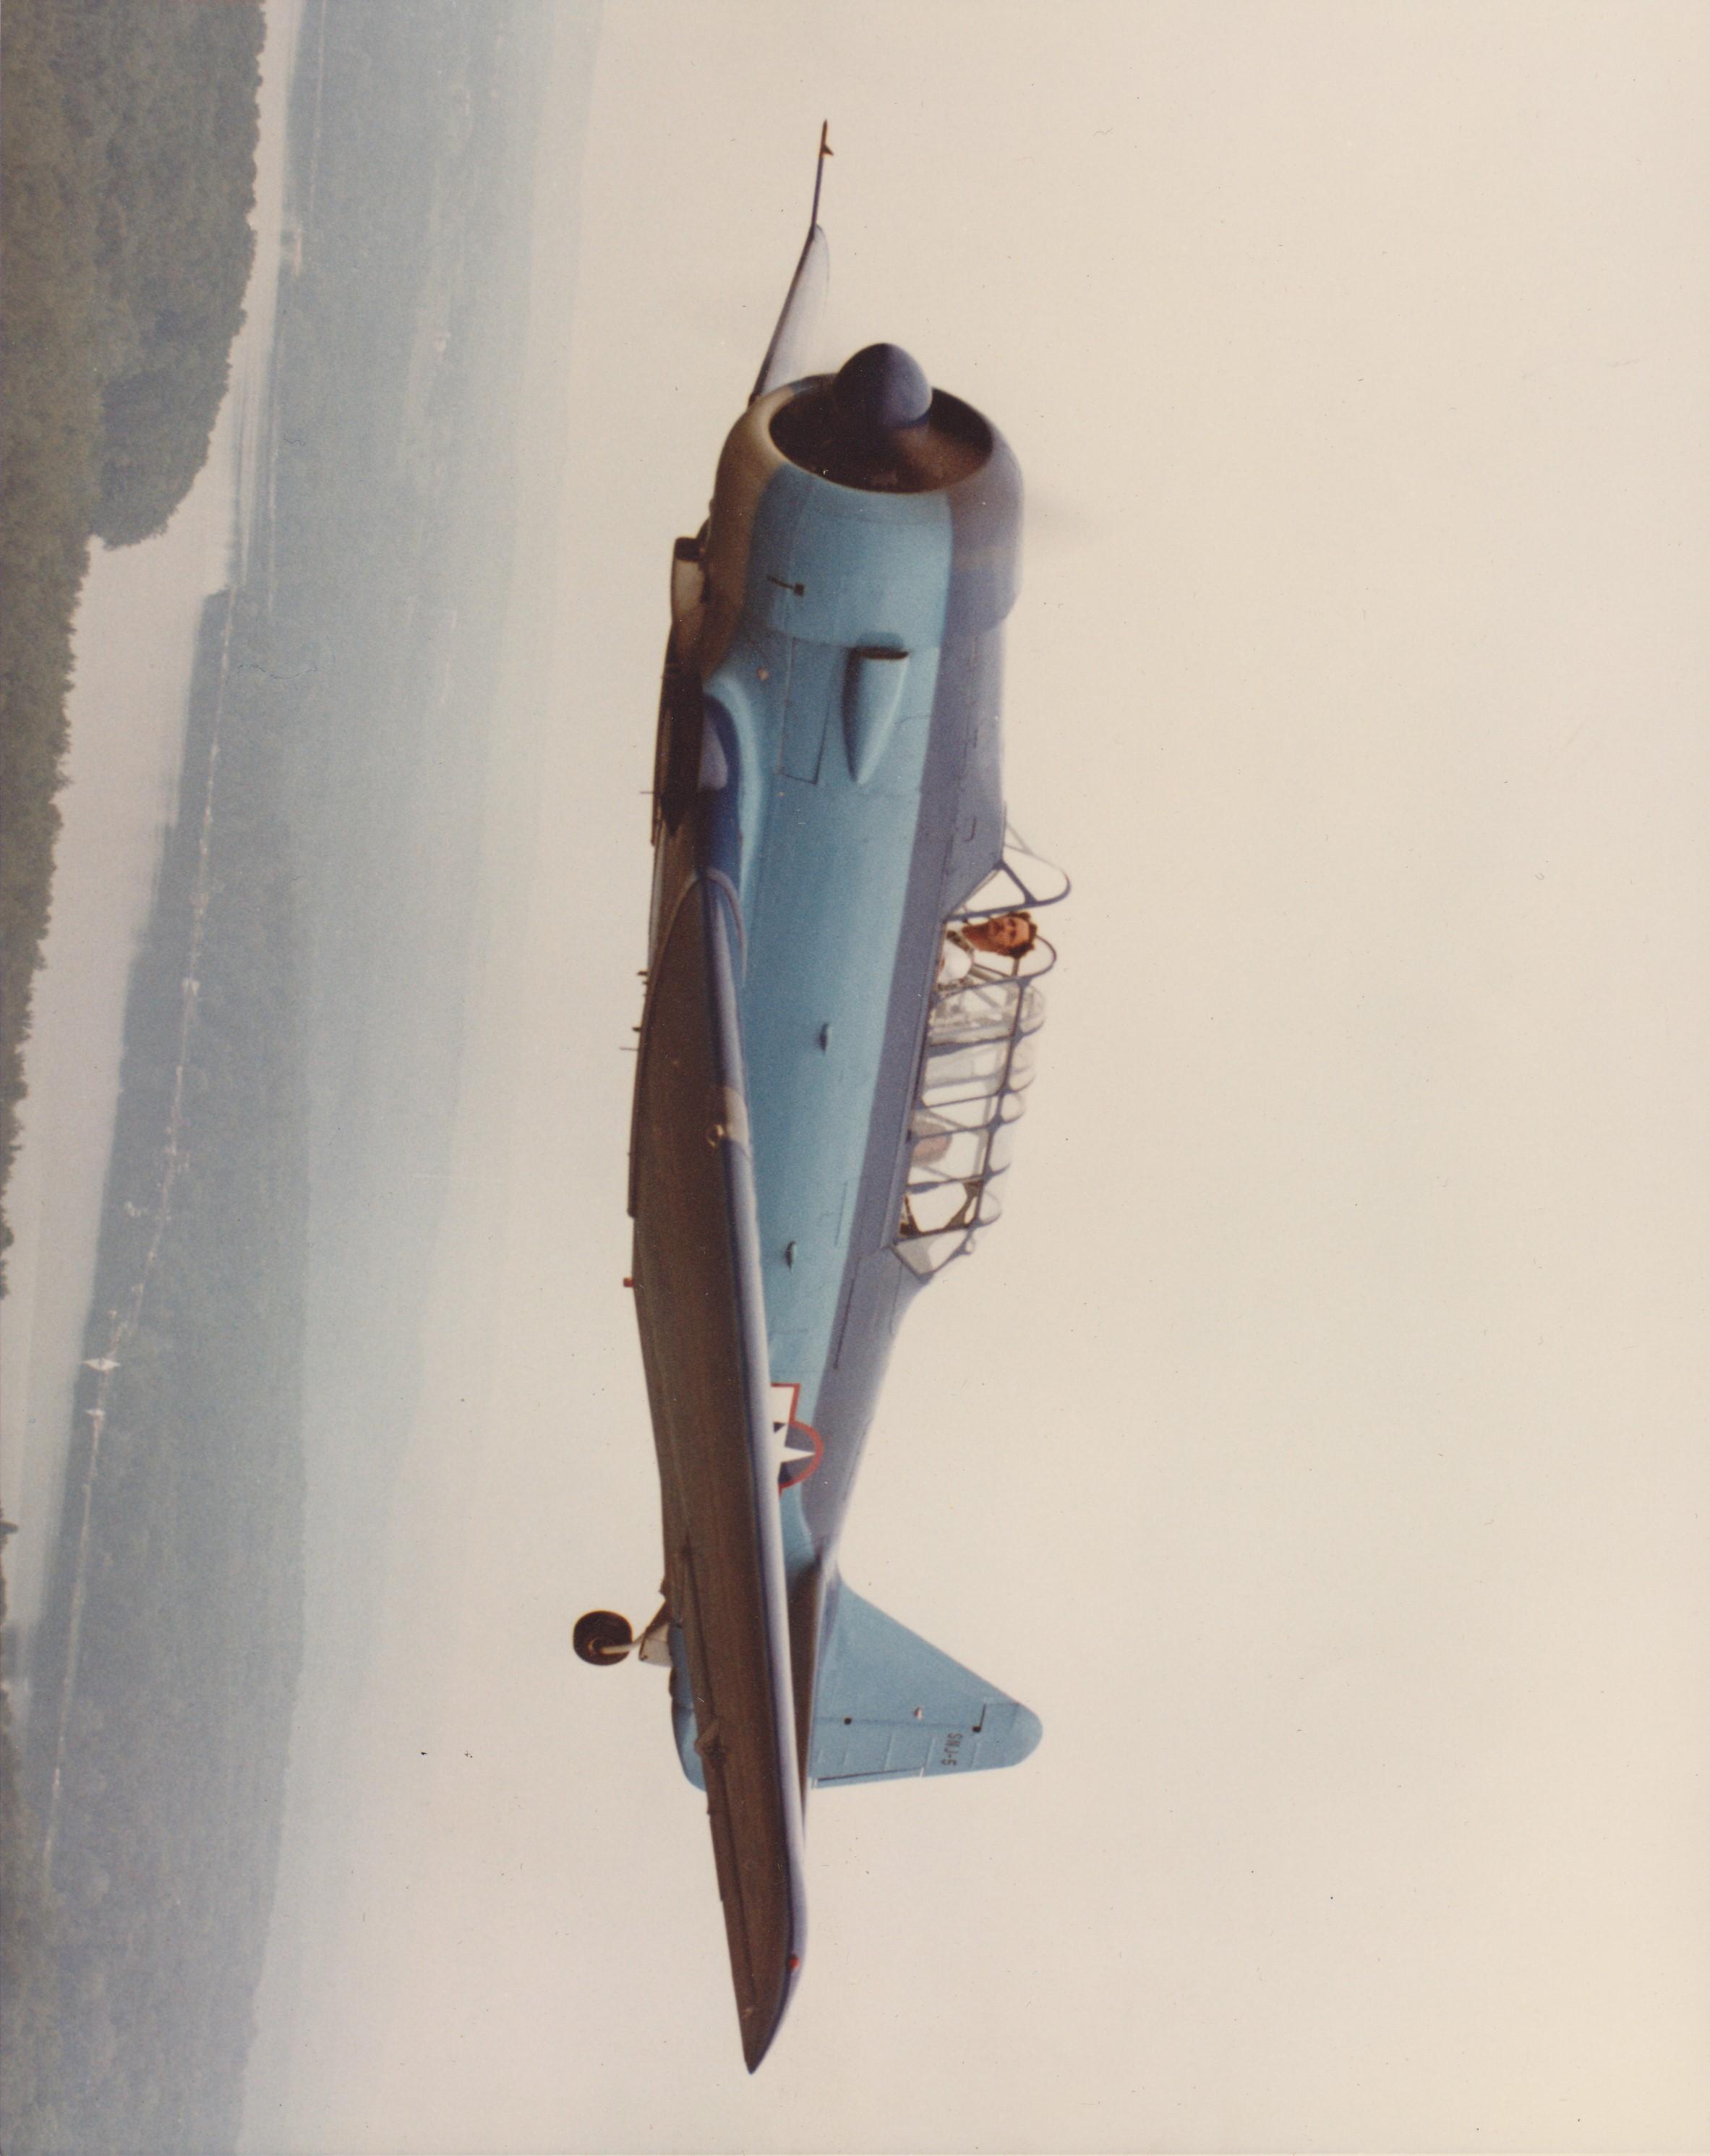 Thomas Cawley Plane 2